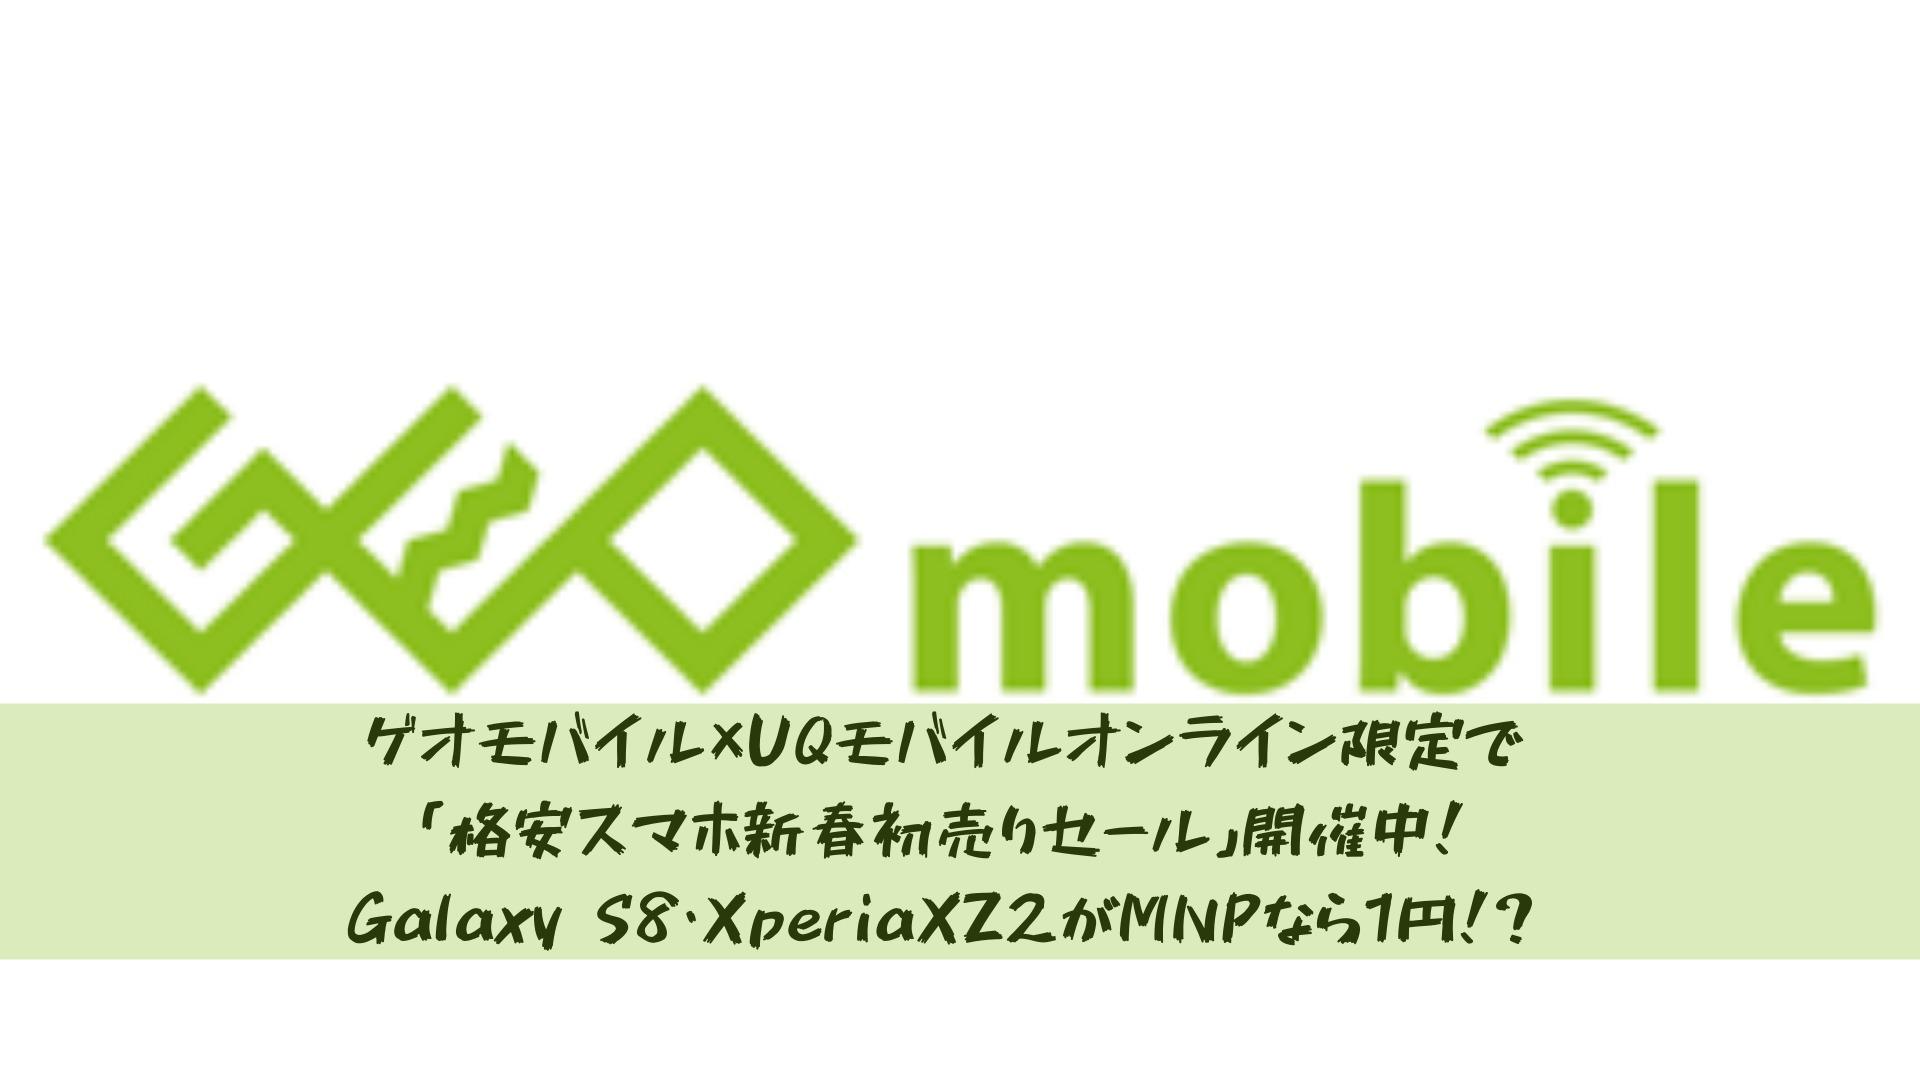 ゲオモバイル×UQモバイルオンライン限定で「格安スマホ新春初売りセール」開催中!Galaxy S8・XperiaXZ2がMNPなら1円!?